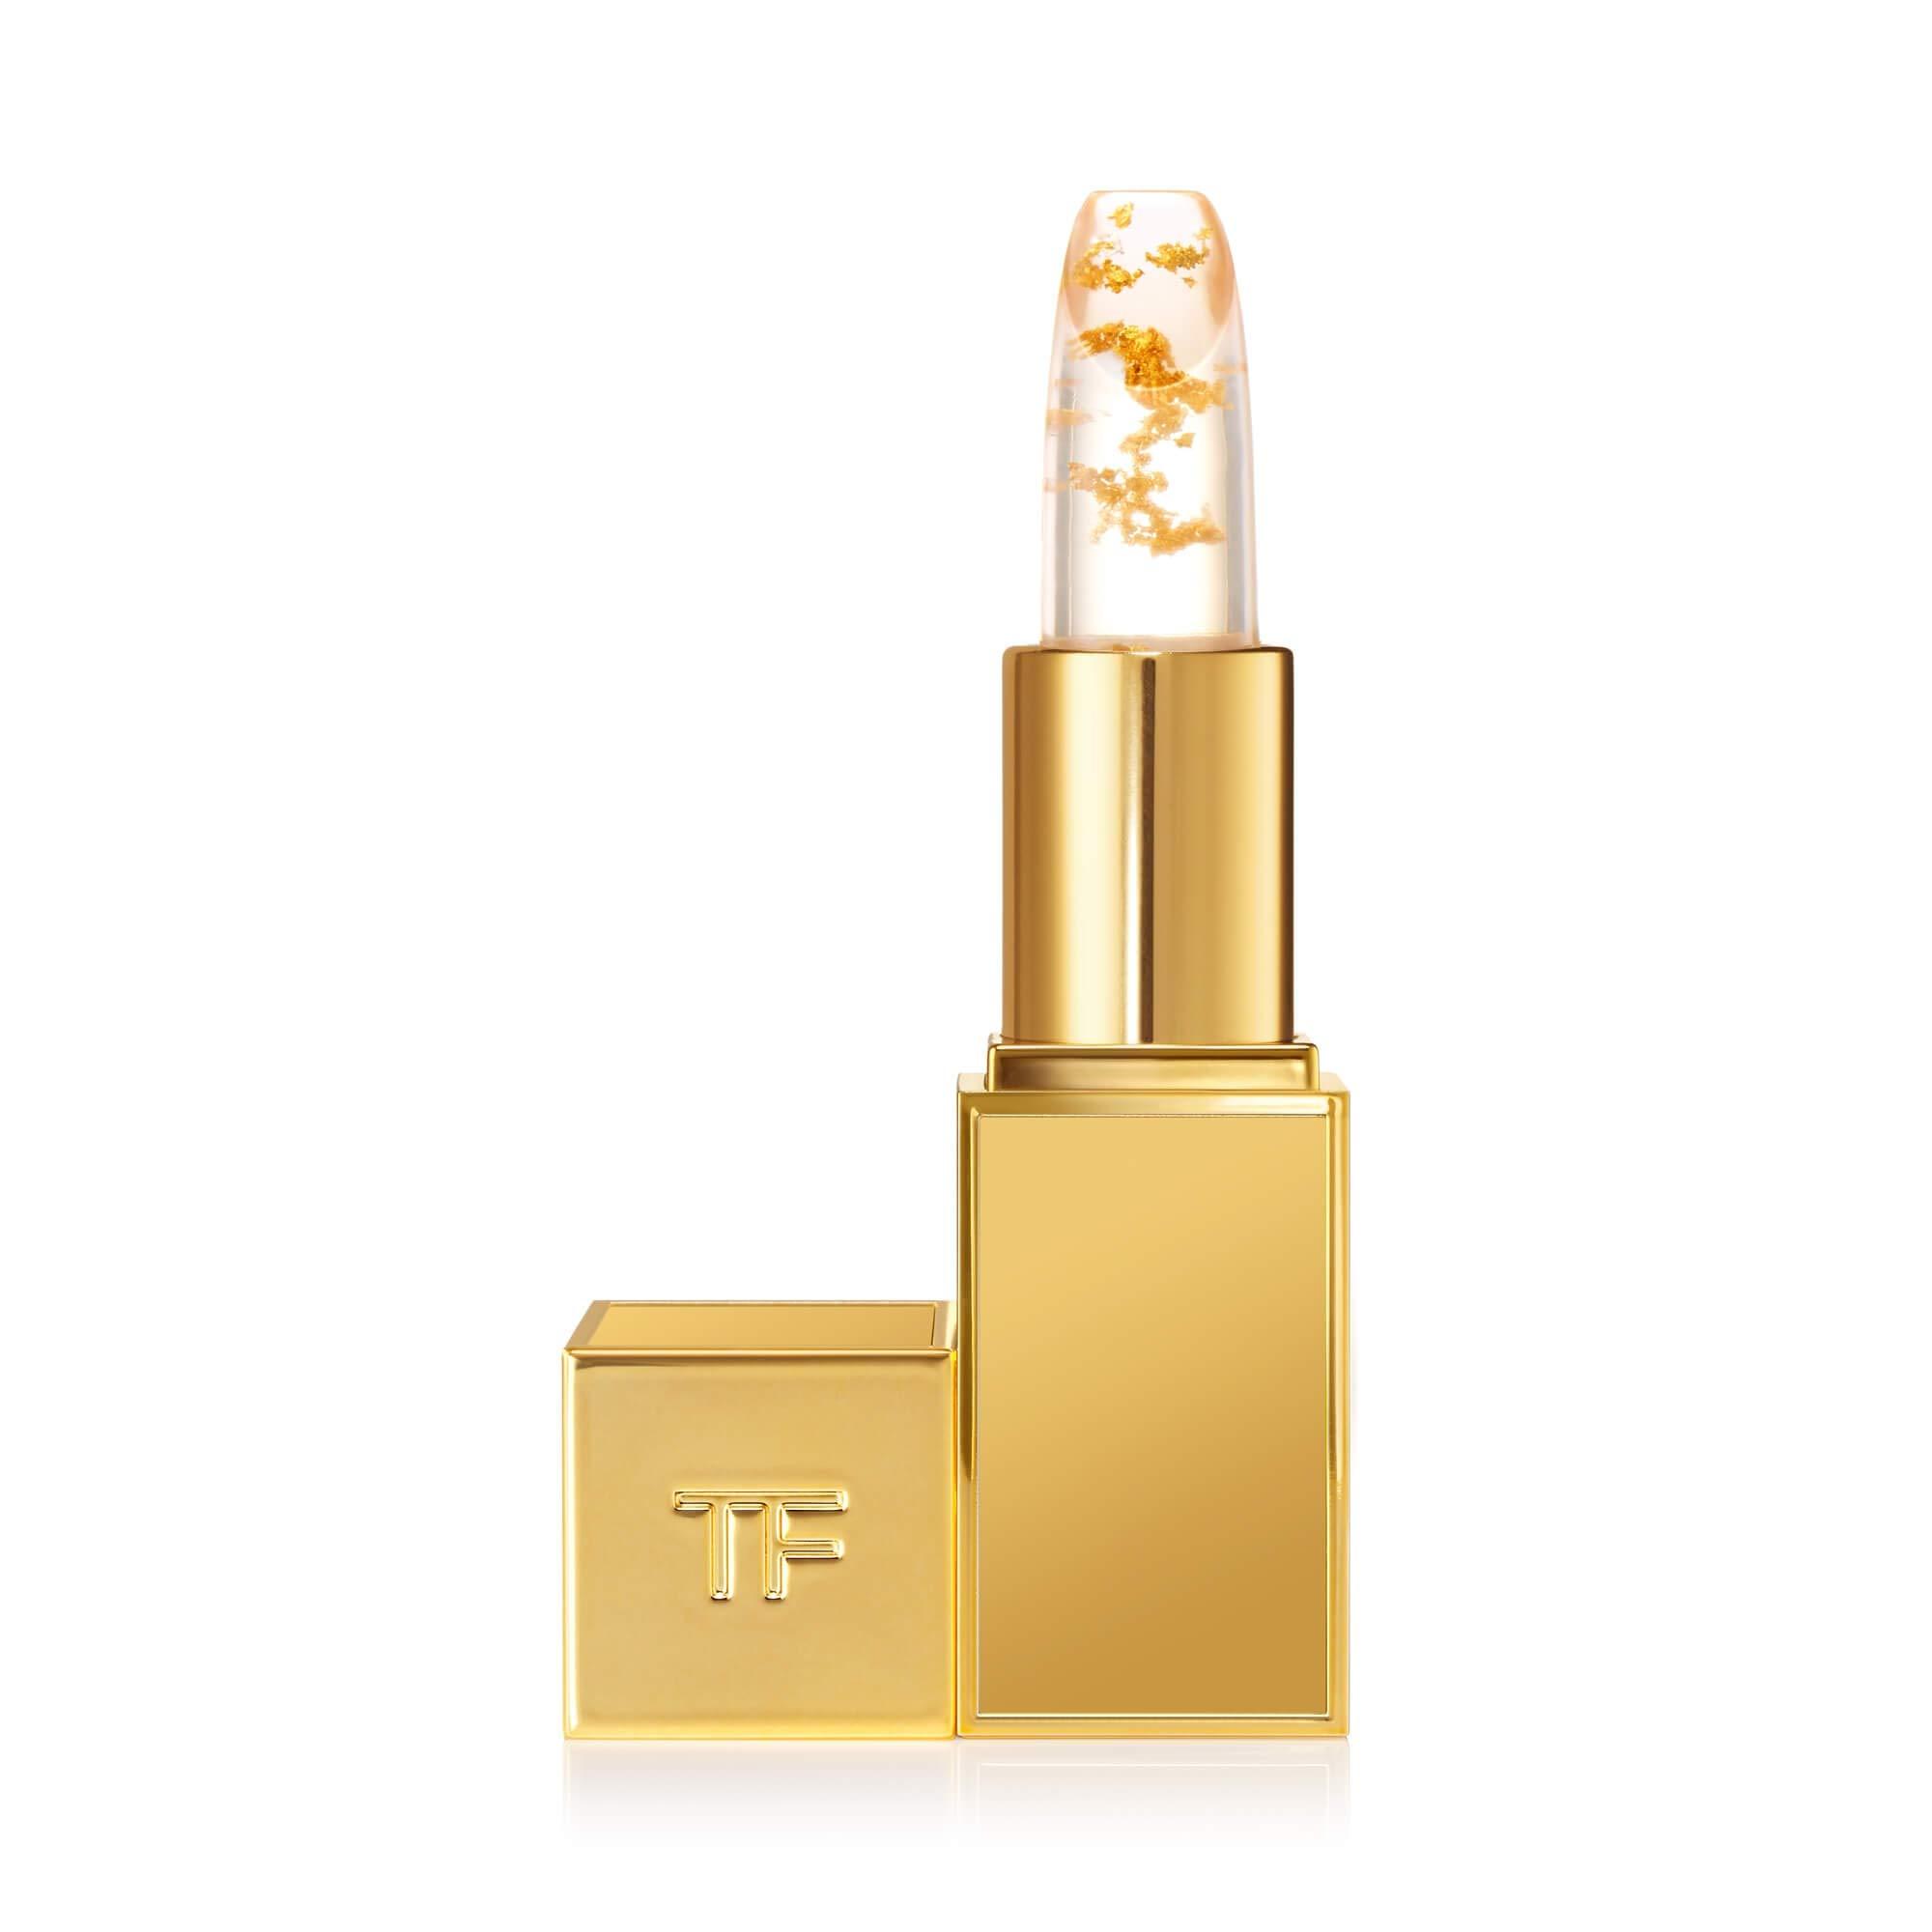 Tom Ford Lip Blush - Soleil